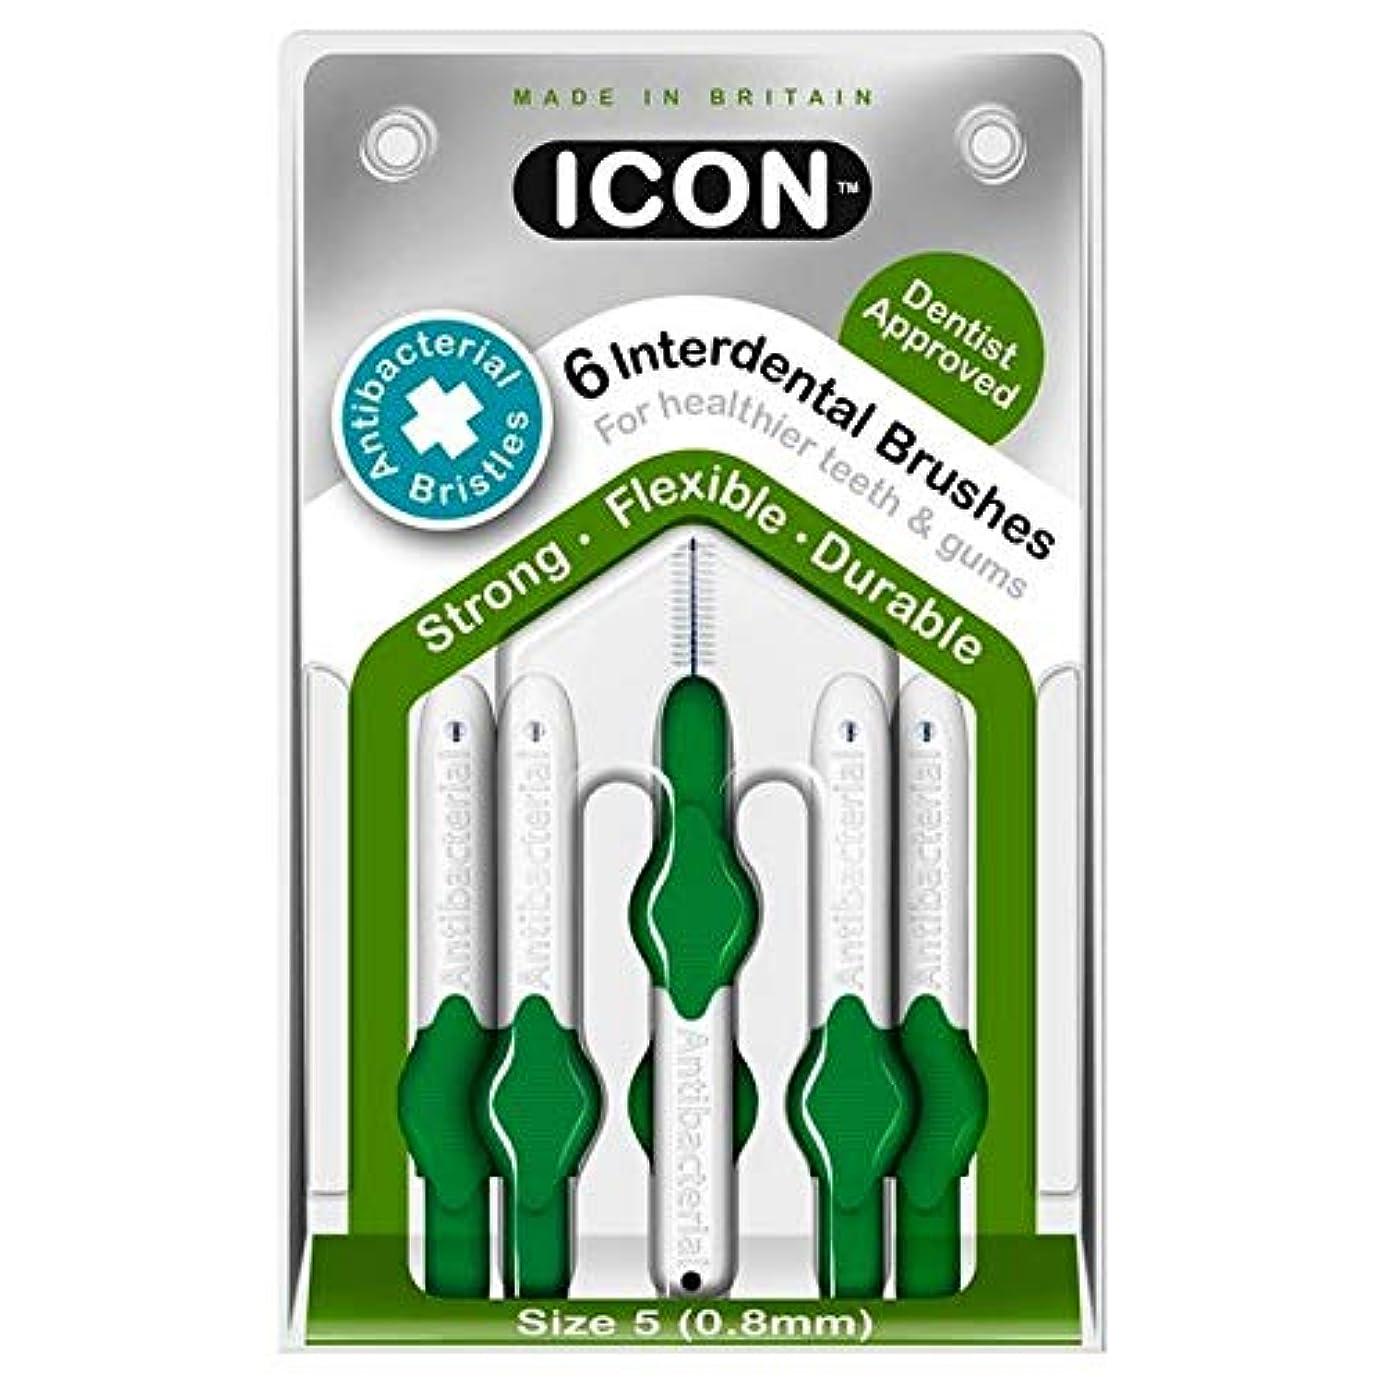 影響フォーラム統治する[Icon ] アイコンの歯間には、パックあたり0.8ミリメートル6ブラシ - Icon Interdental Brushes 0.8mm 6 per pack [並行輸入品]